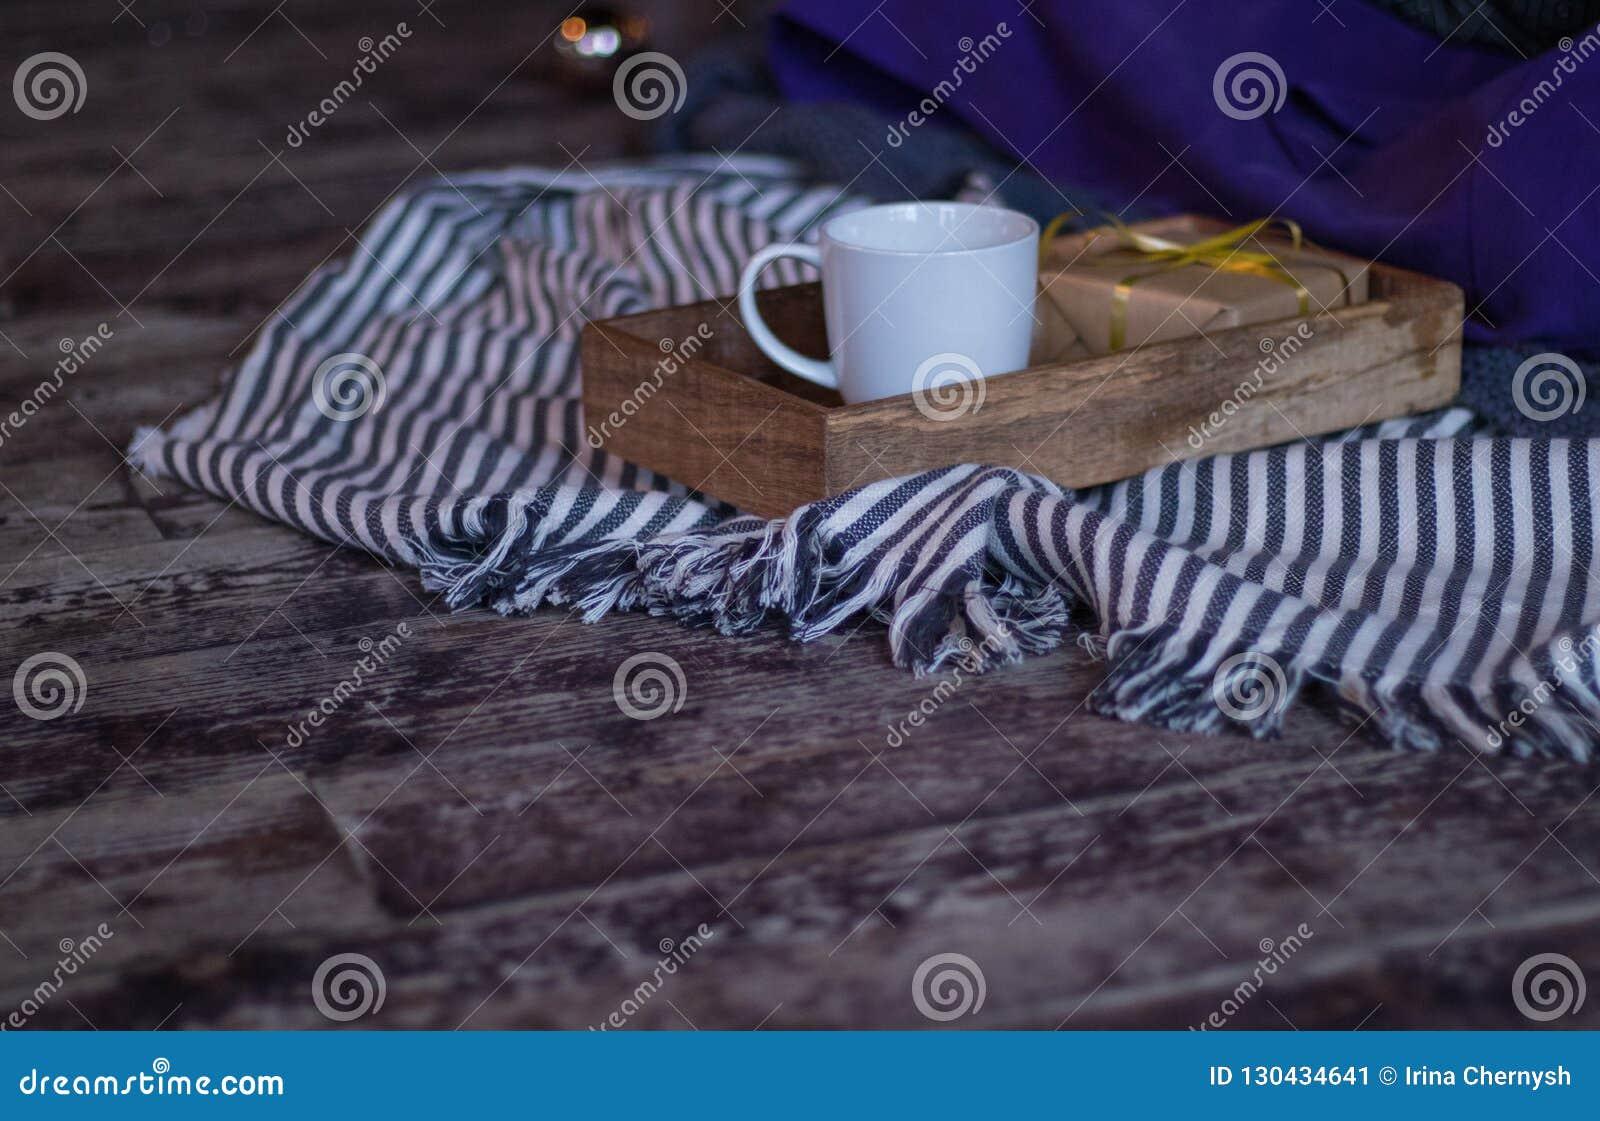 Zima wystrój: filiżanka kawy, prezent, taca, pasiasta szkocka krata, balowa i wygodna Wybrana ostrość